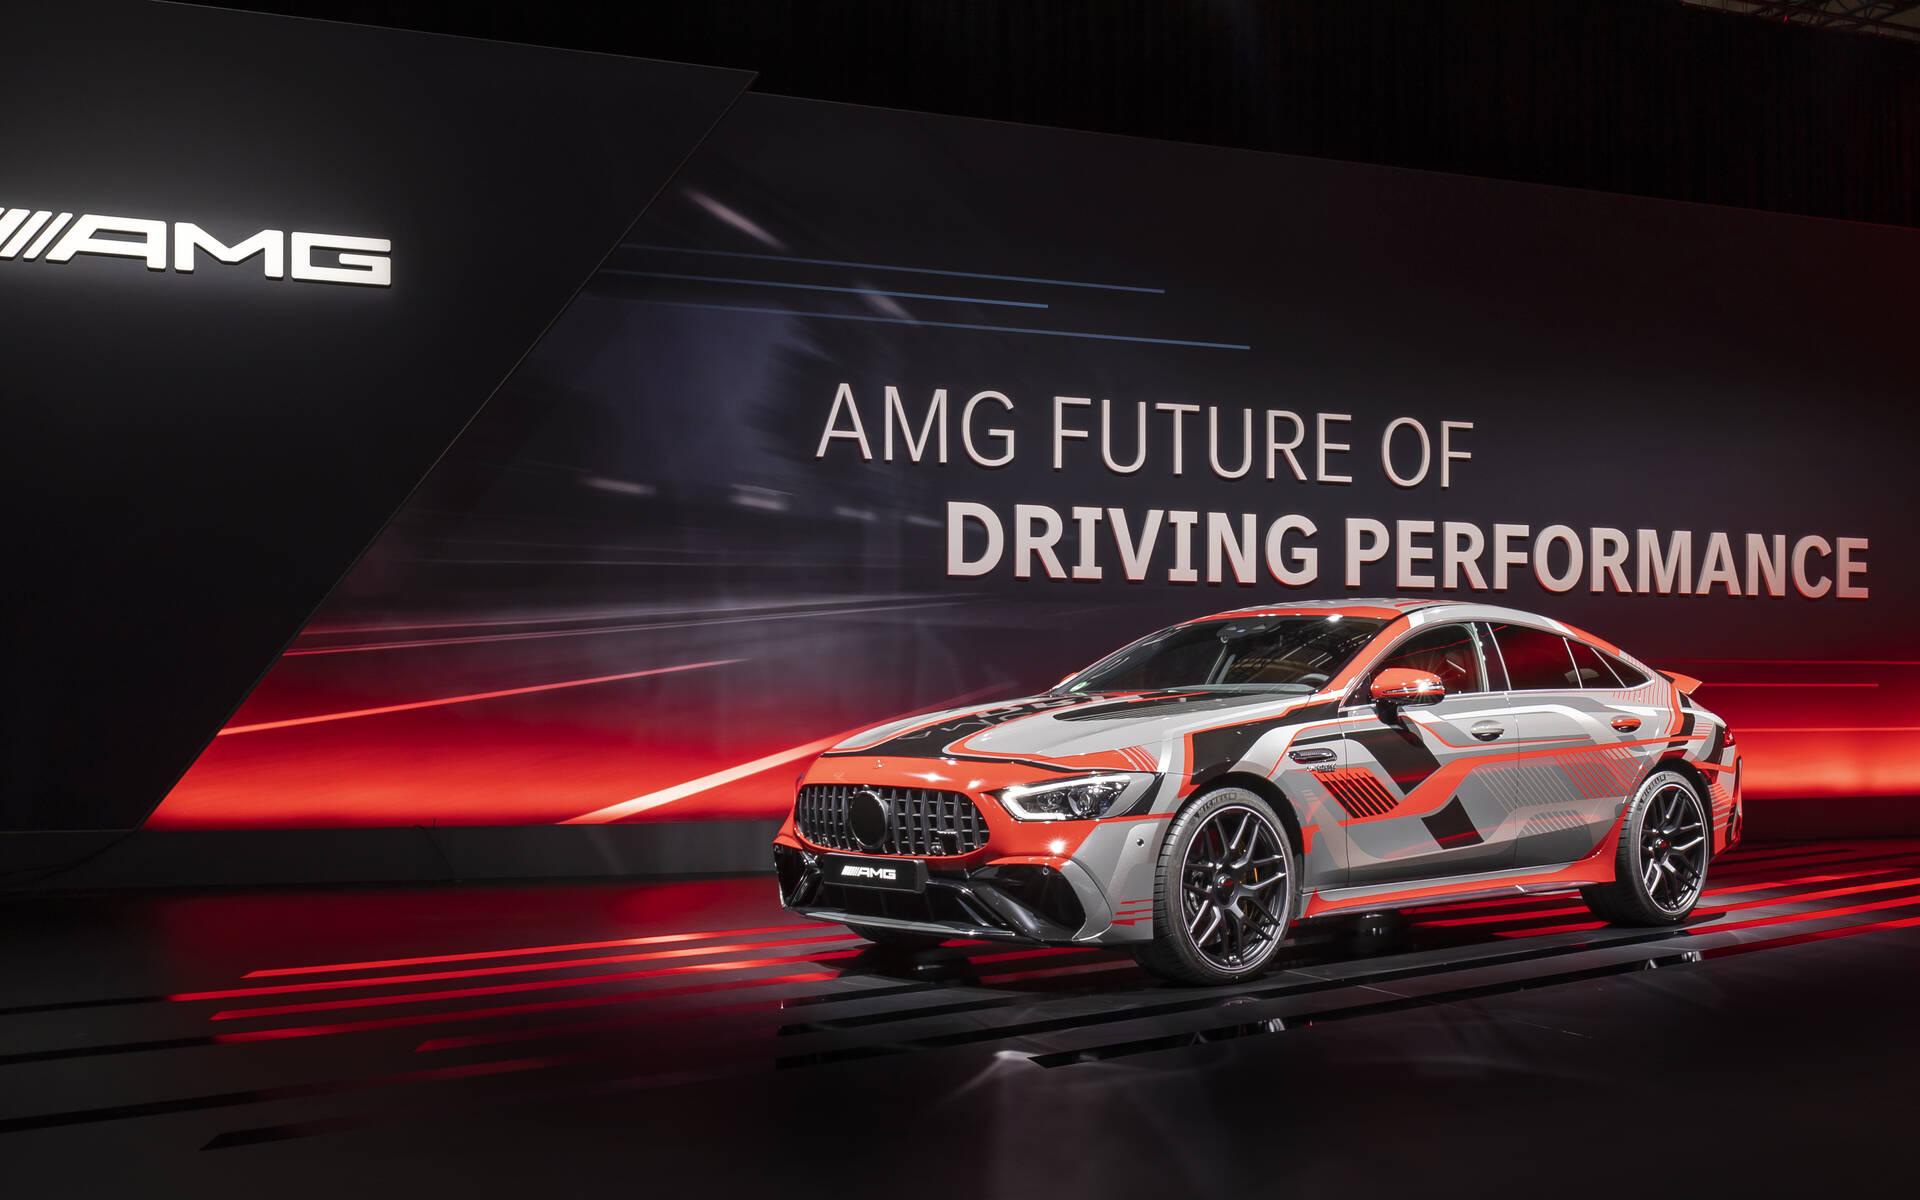 Mercedes-AMG - La stratégie E Performance